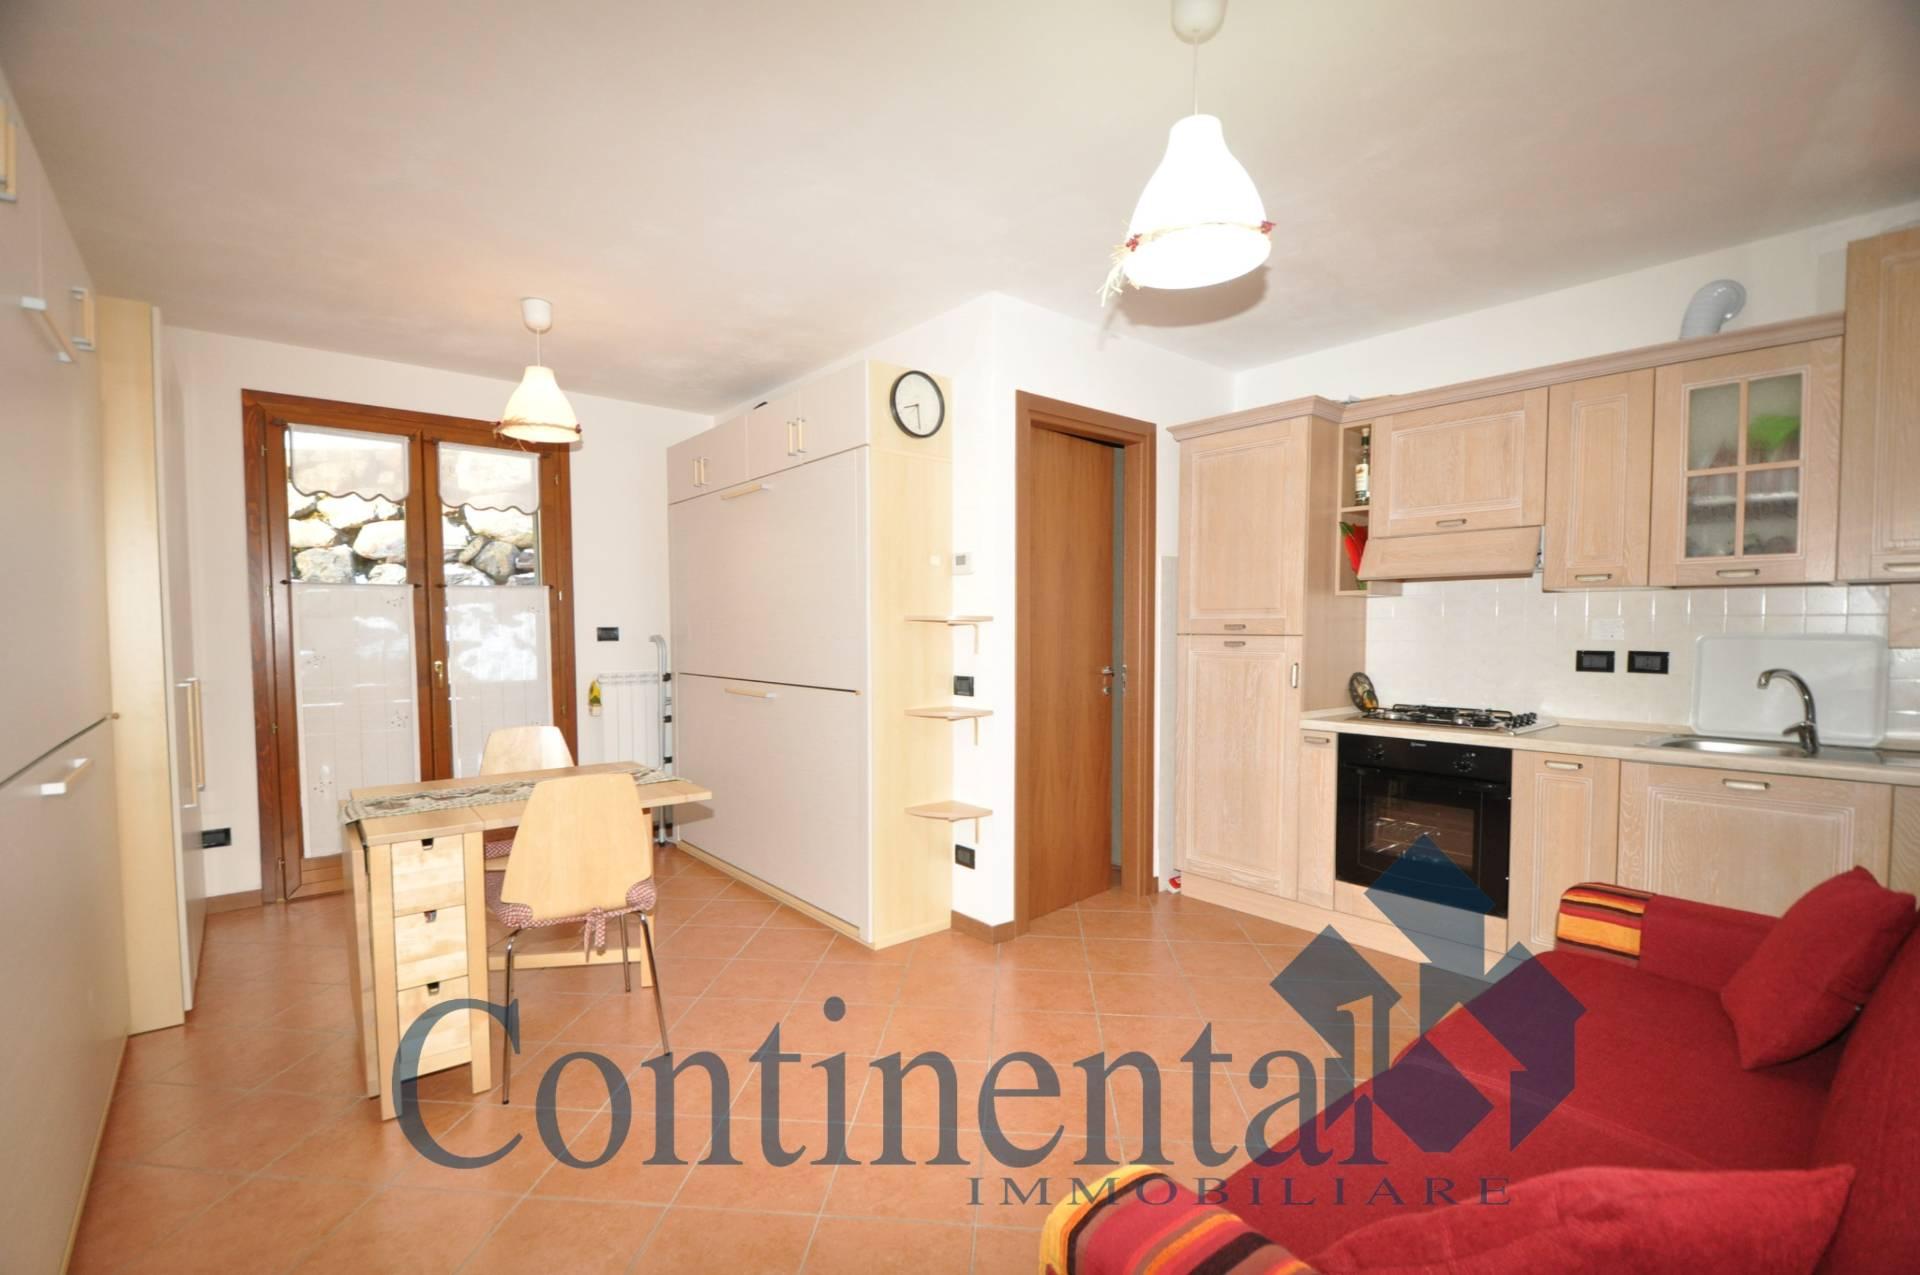 Appartamento in vendita a Carona, 1 locali, prezzo € 55.000 | PortaleAgenzieImmobiliari.it